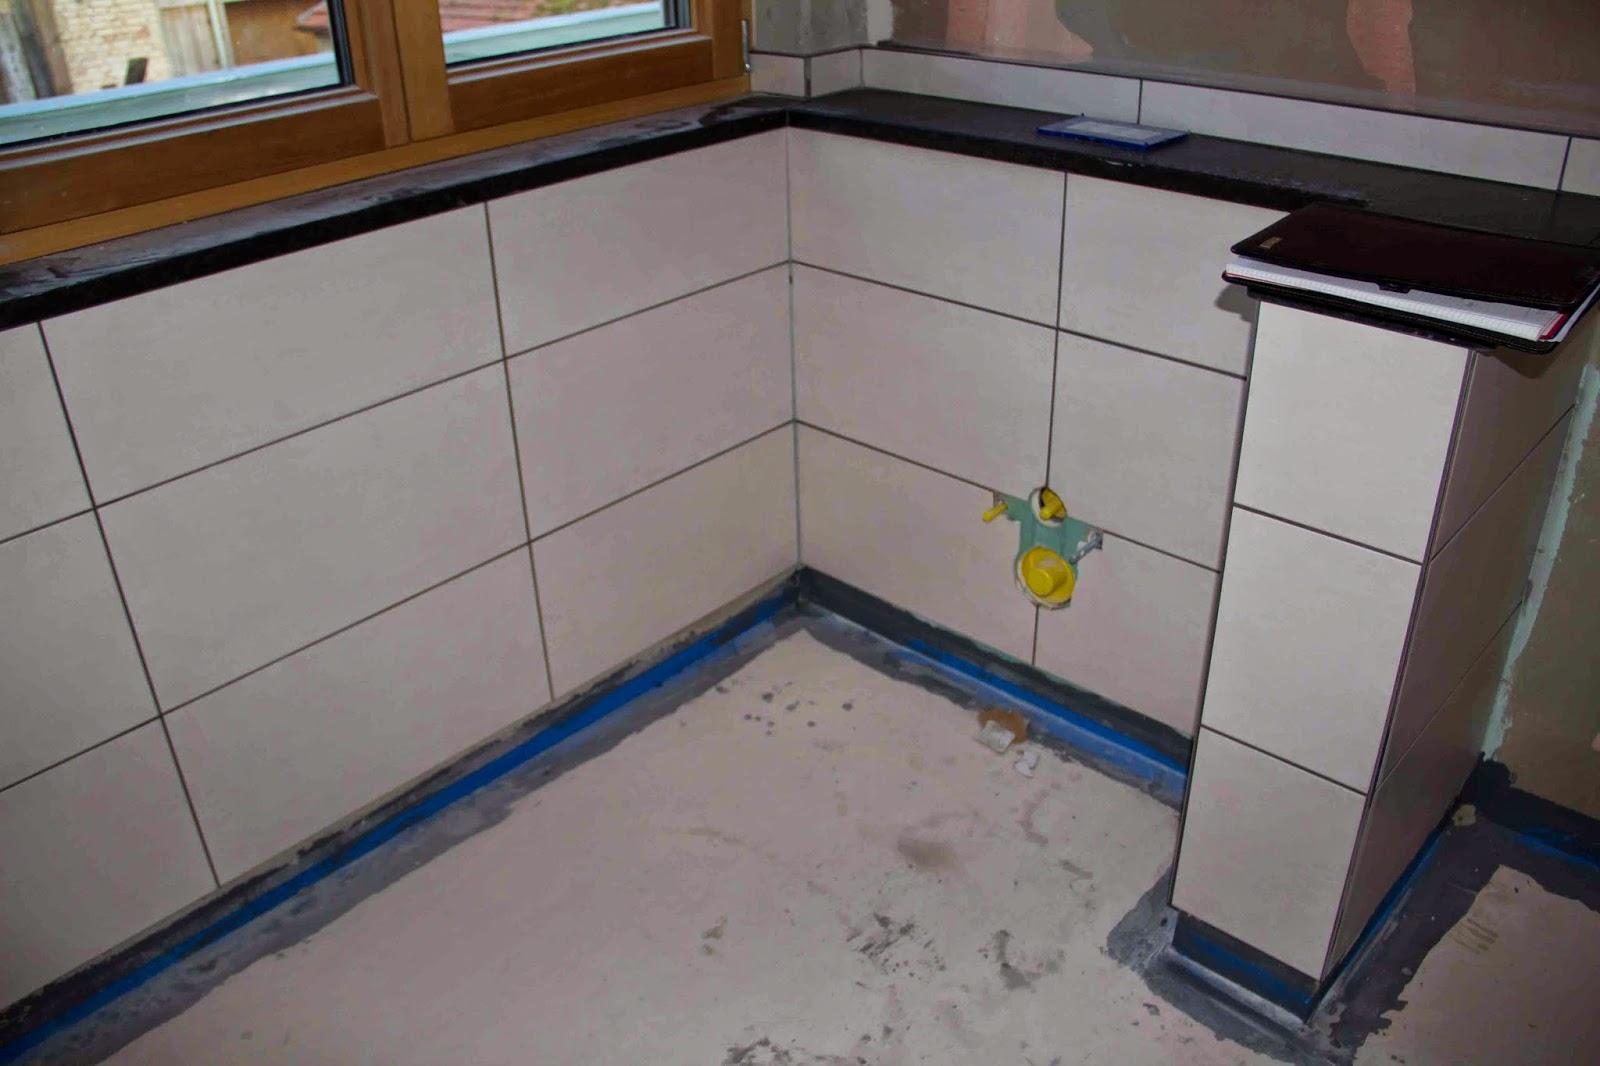 flederhaus k che im haus garagenpflaster fertig schotter im garten fliesen im haus. Black Bedroom Furniture Sets. Home Design Ideas